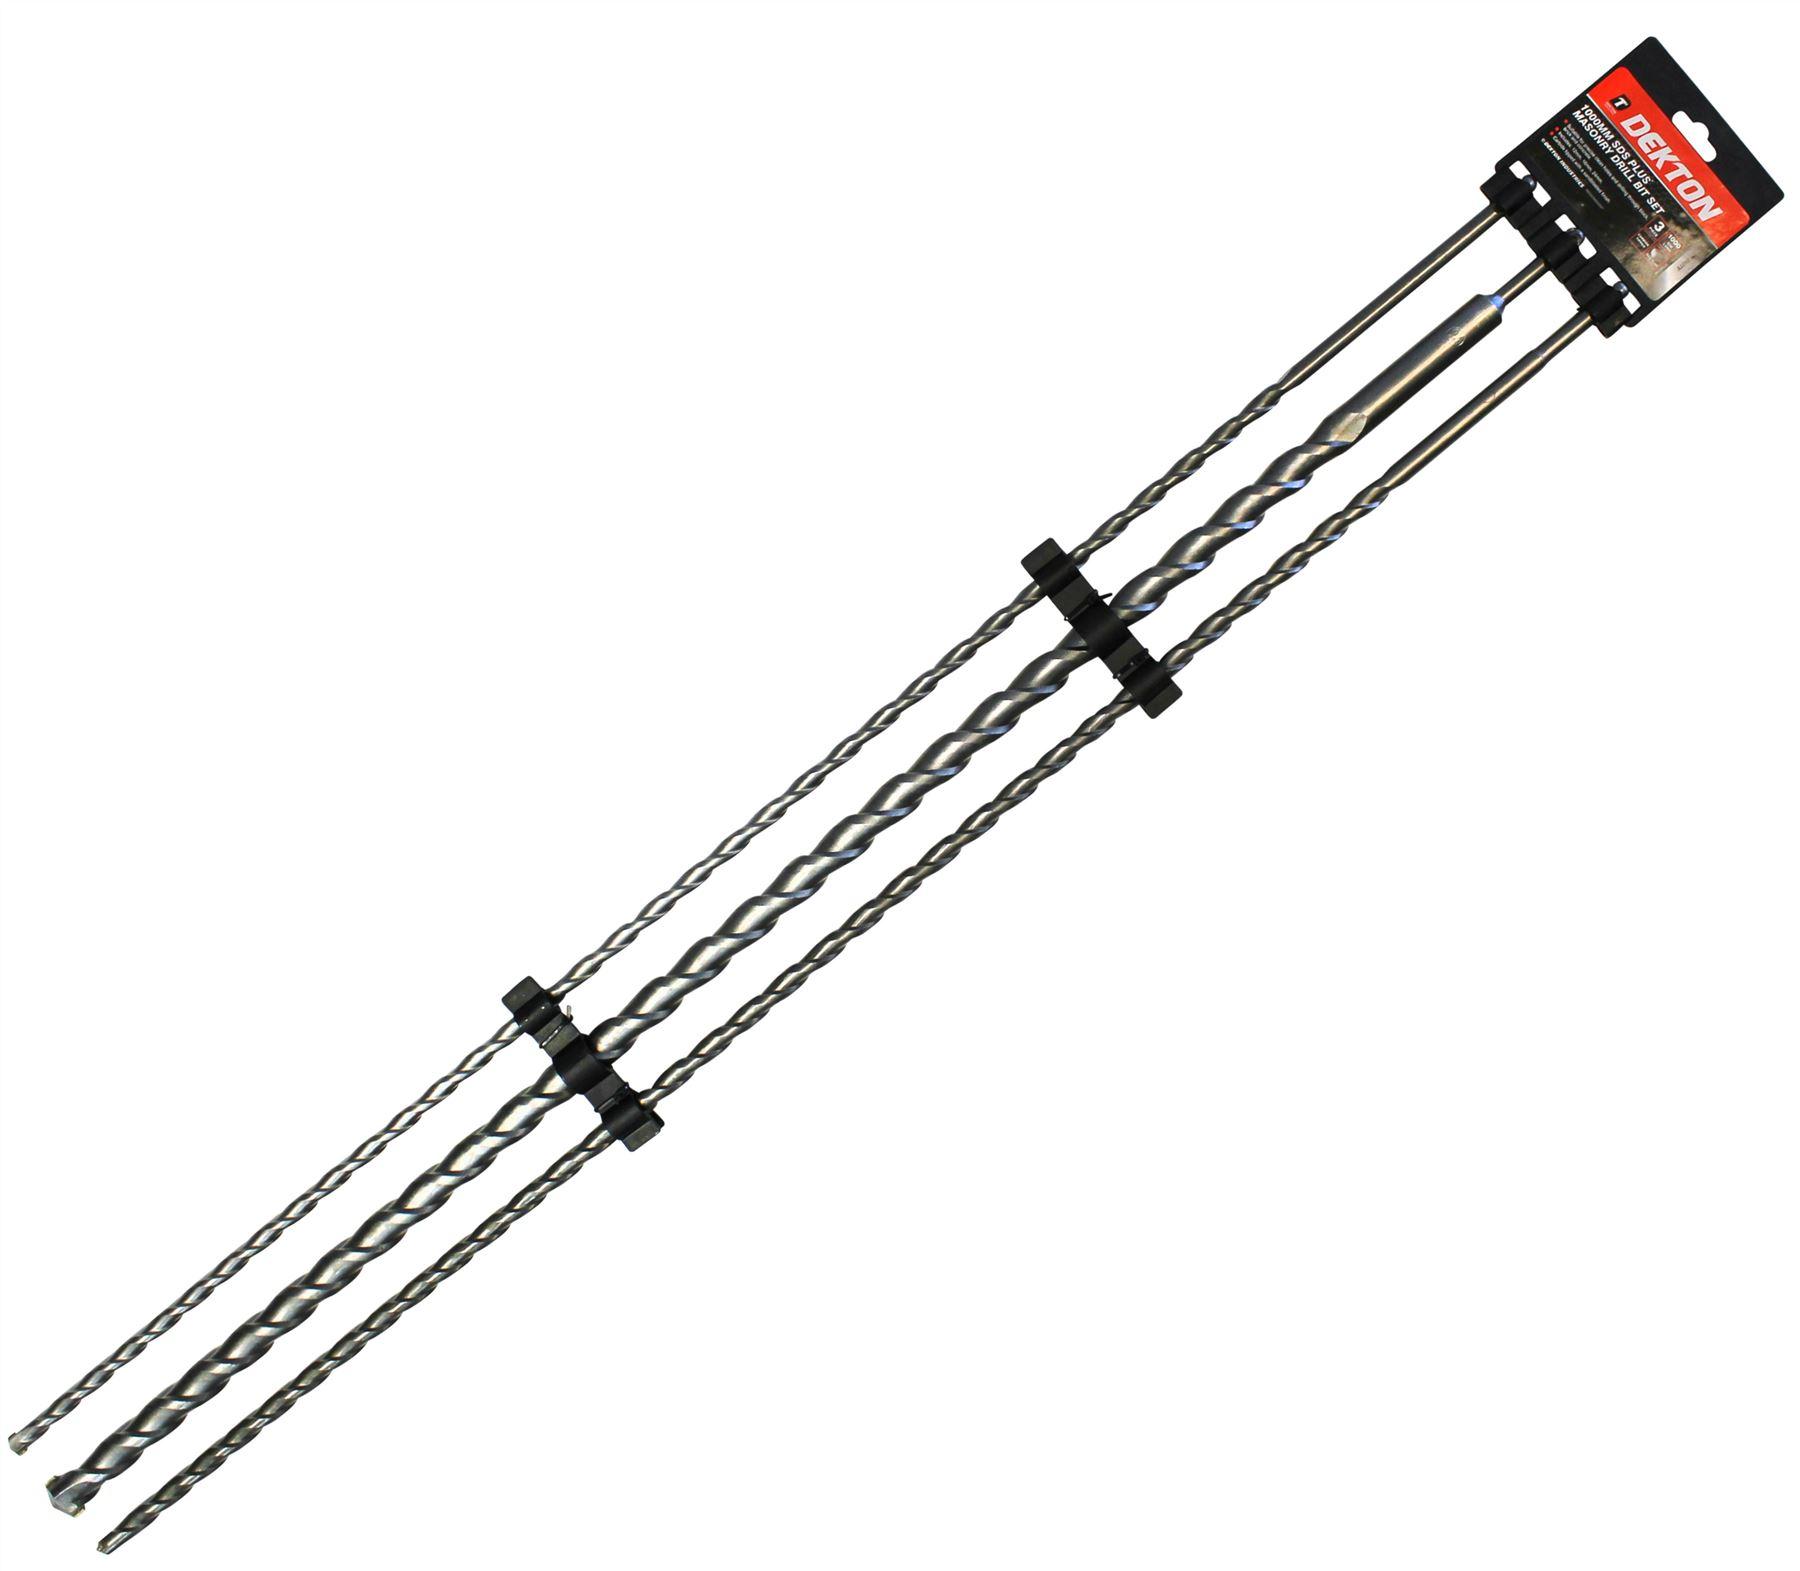 Dekton 3 SDS Plus Marteau Perceuse Embouts 12 mm 16 mm /& 24 mm x 1000 mm MAÇONNERIE /& BÉTON